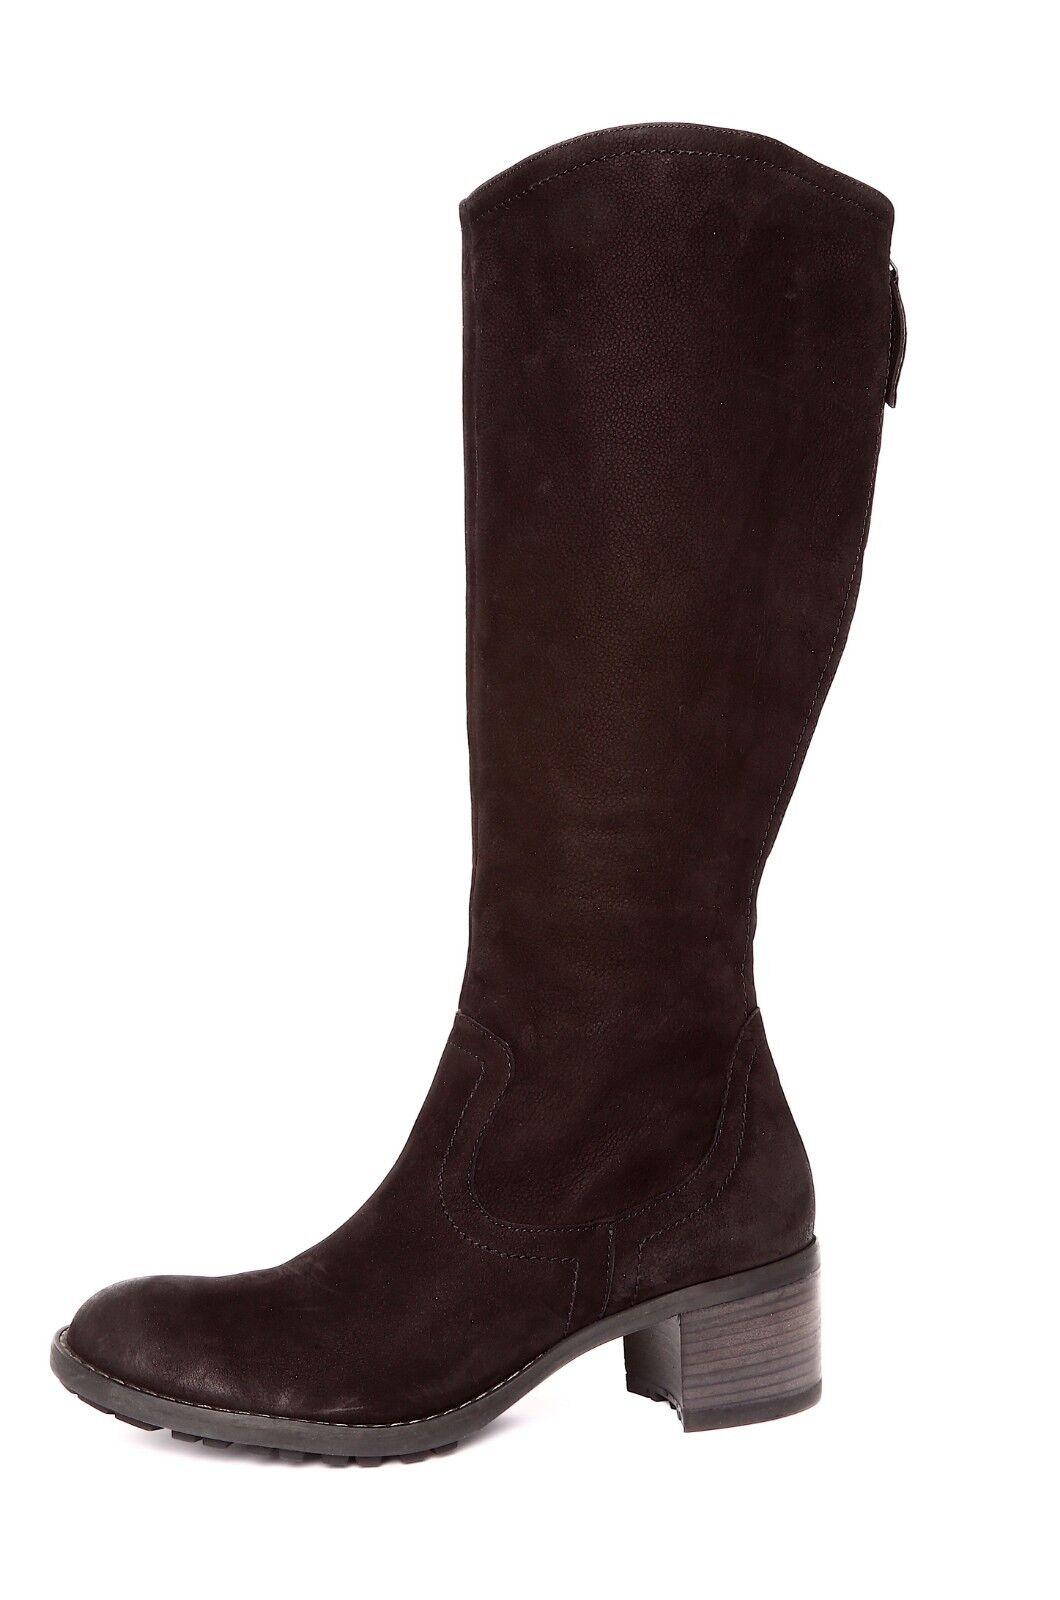 Paul Green Women's Black Side Zipper Boot Sz 6.5 UK 3241